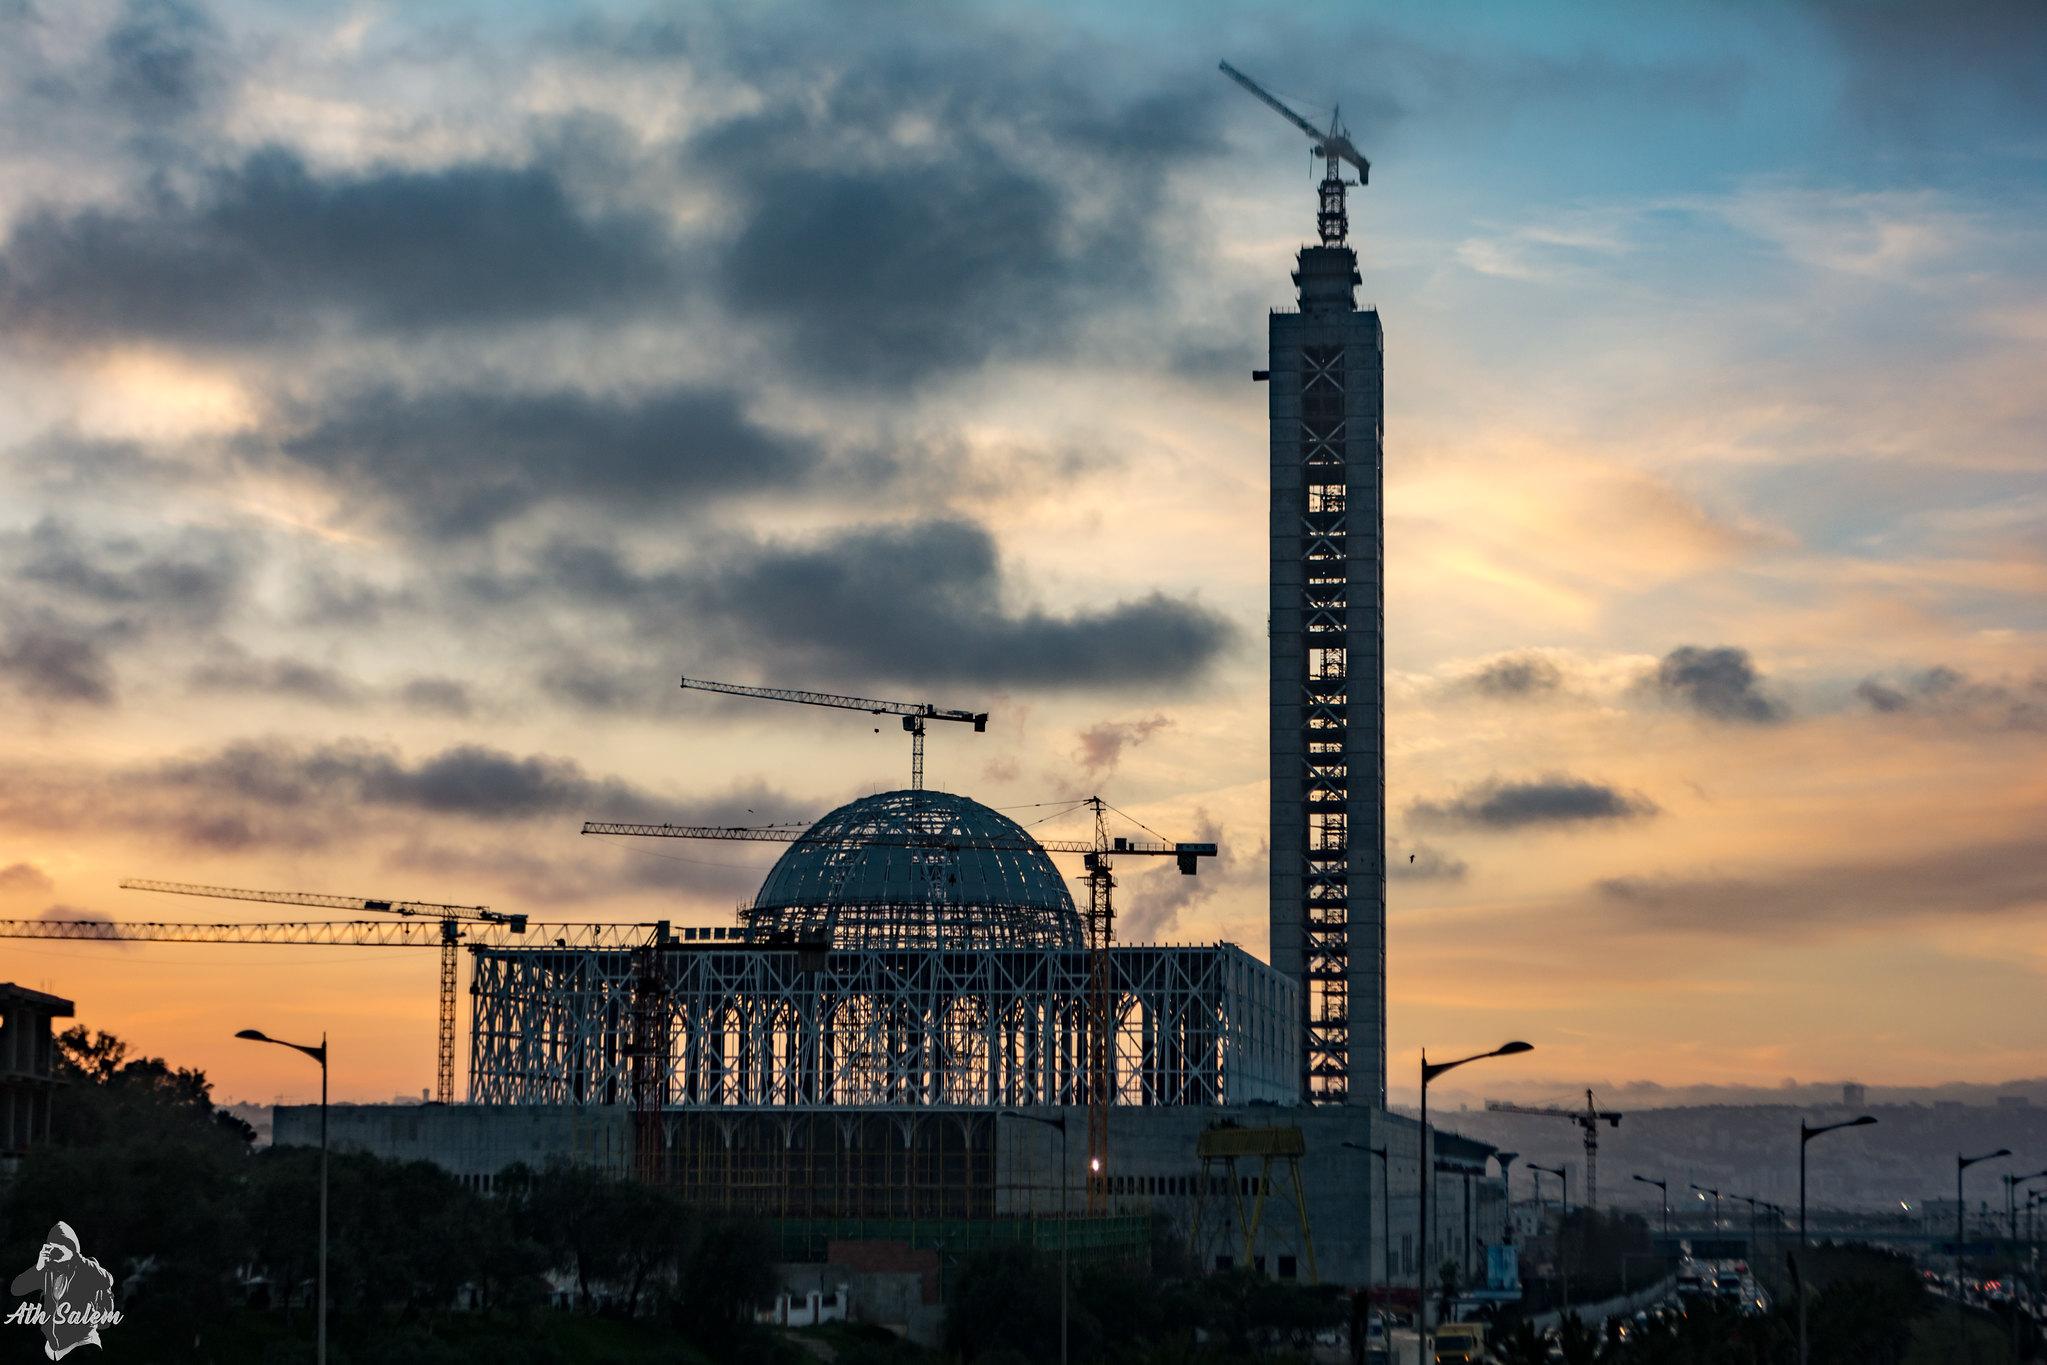 مشروع جامع الجزائر الأعظم: إعطاء إشارة إنطلاق أشغال الإنجاز - صفحة 19 33677556116_07b99c59ab_k